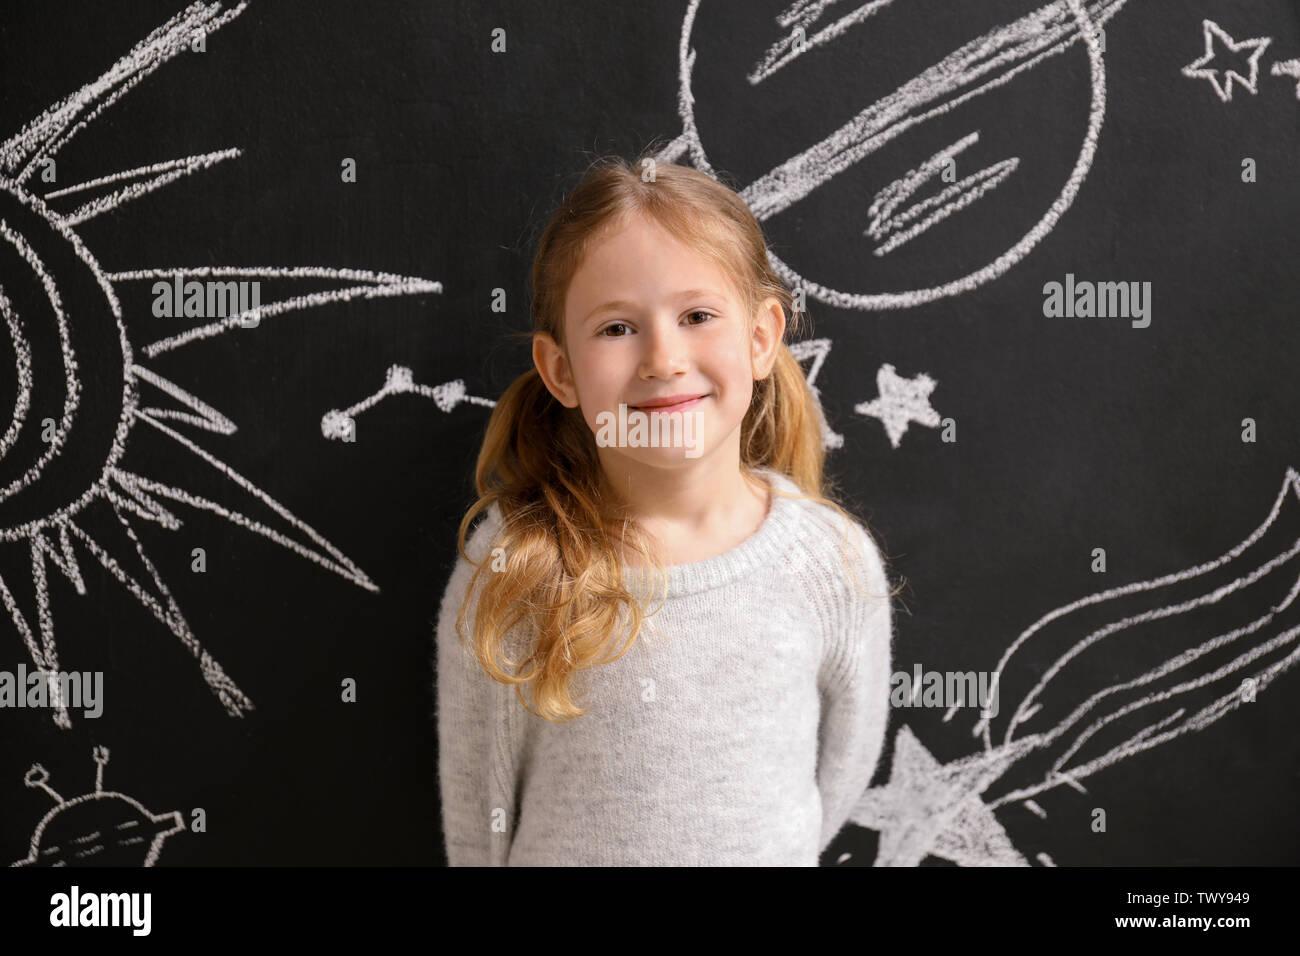 Petite fille près de l'espace dessiné avec mur sombre Photo Stock